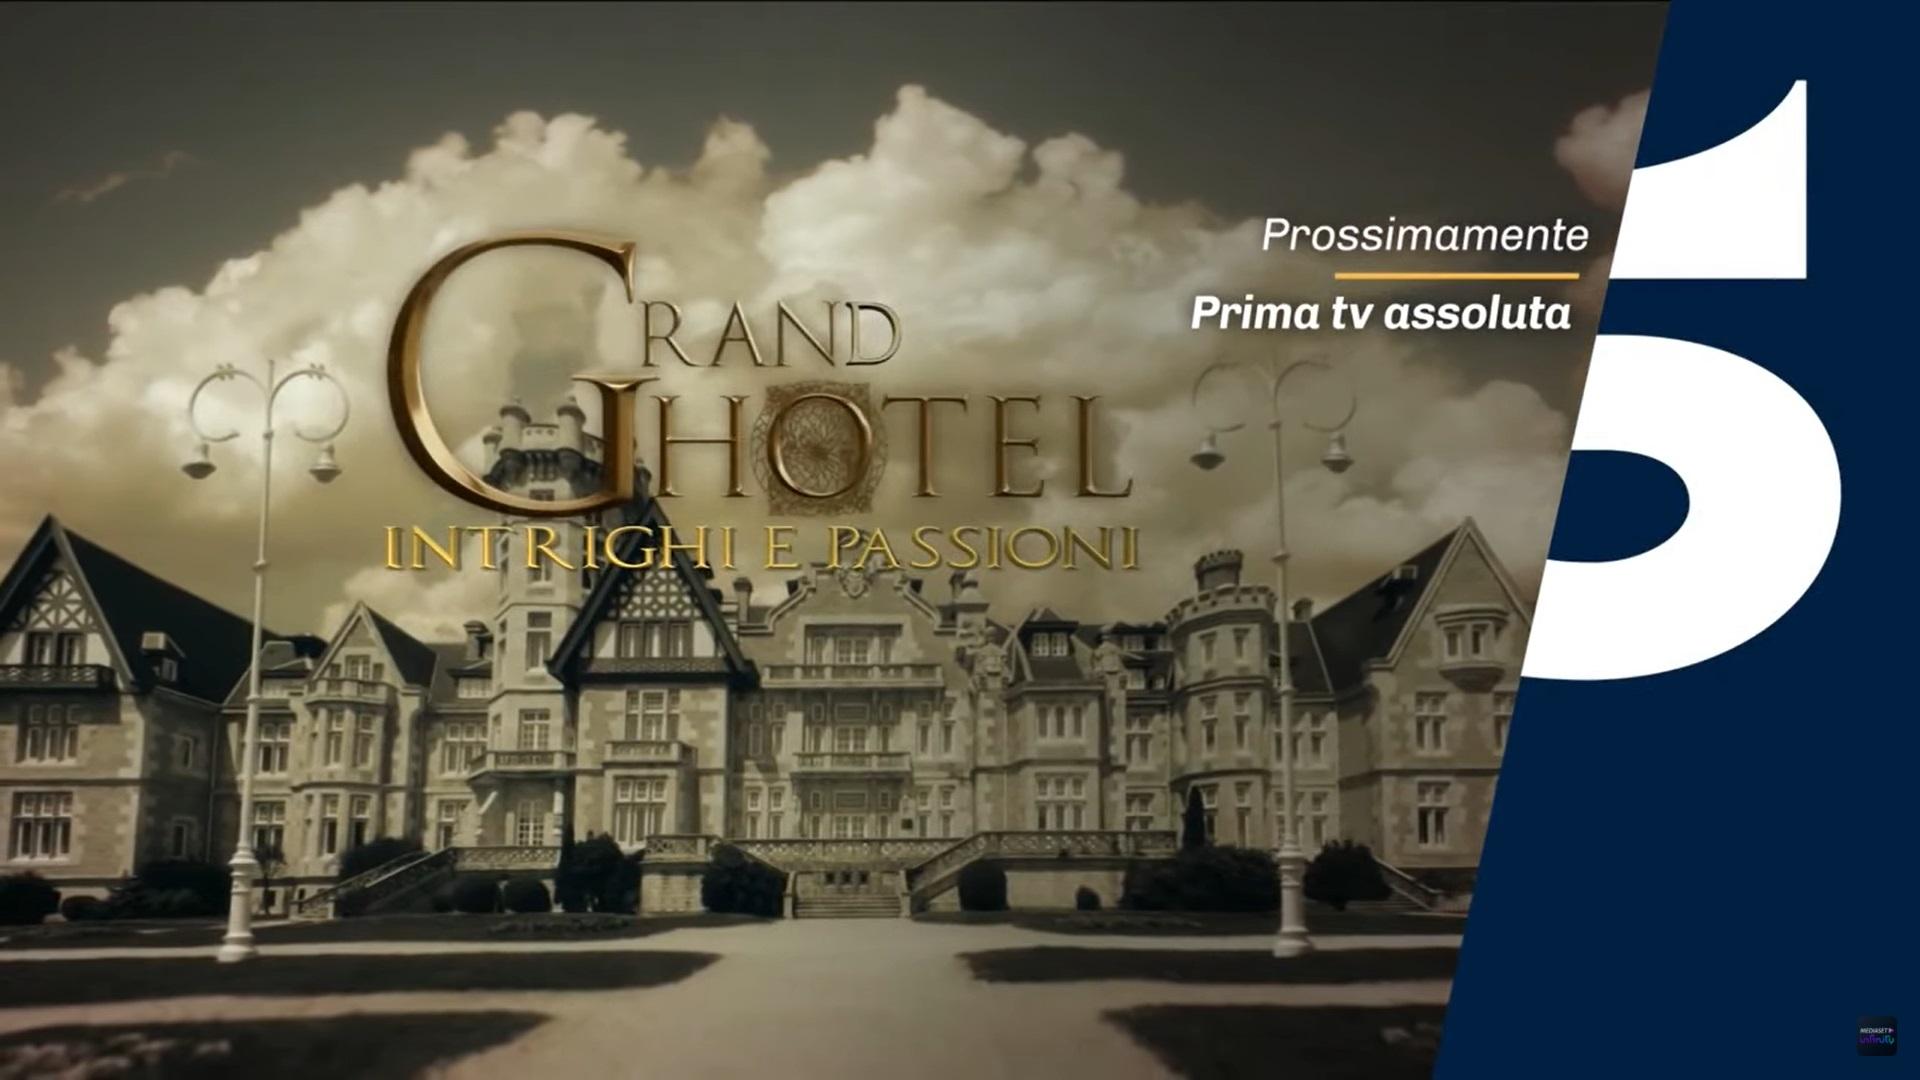 Grand Hotel Intrighi e Passioni anticipazioni 1 agosto